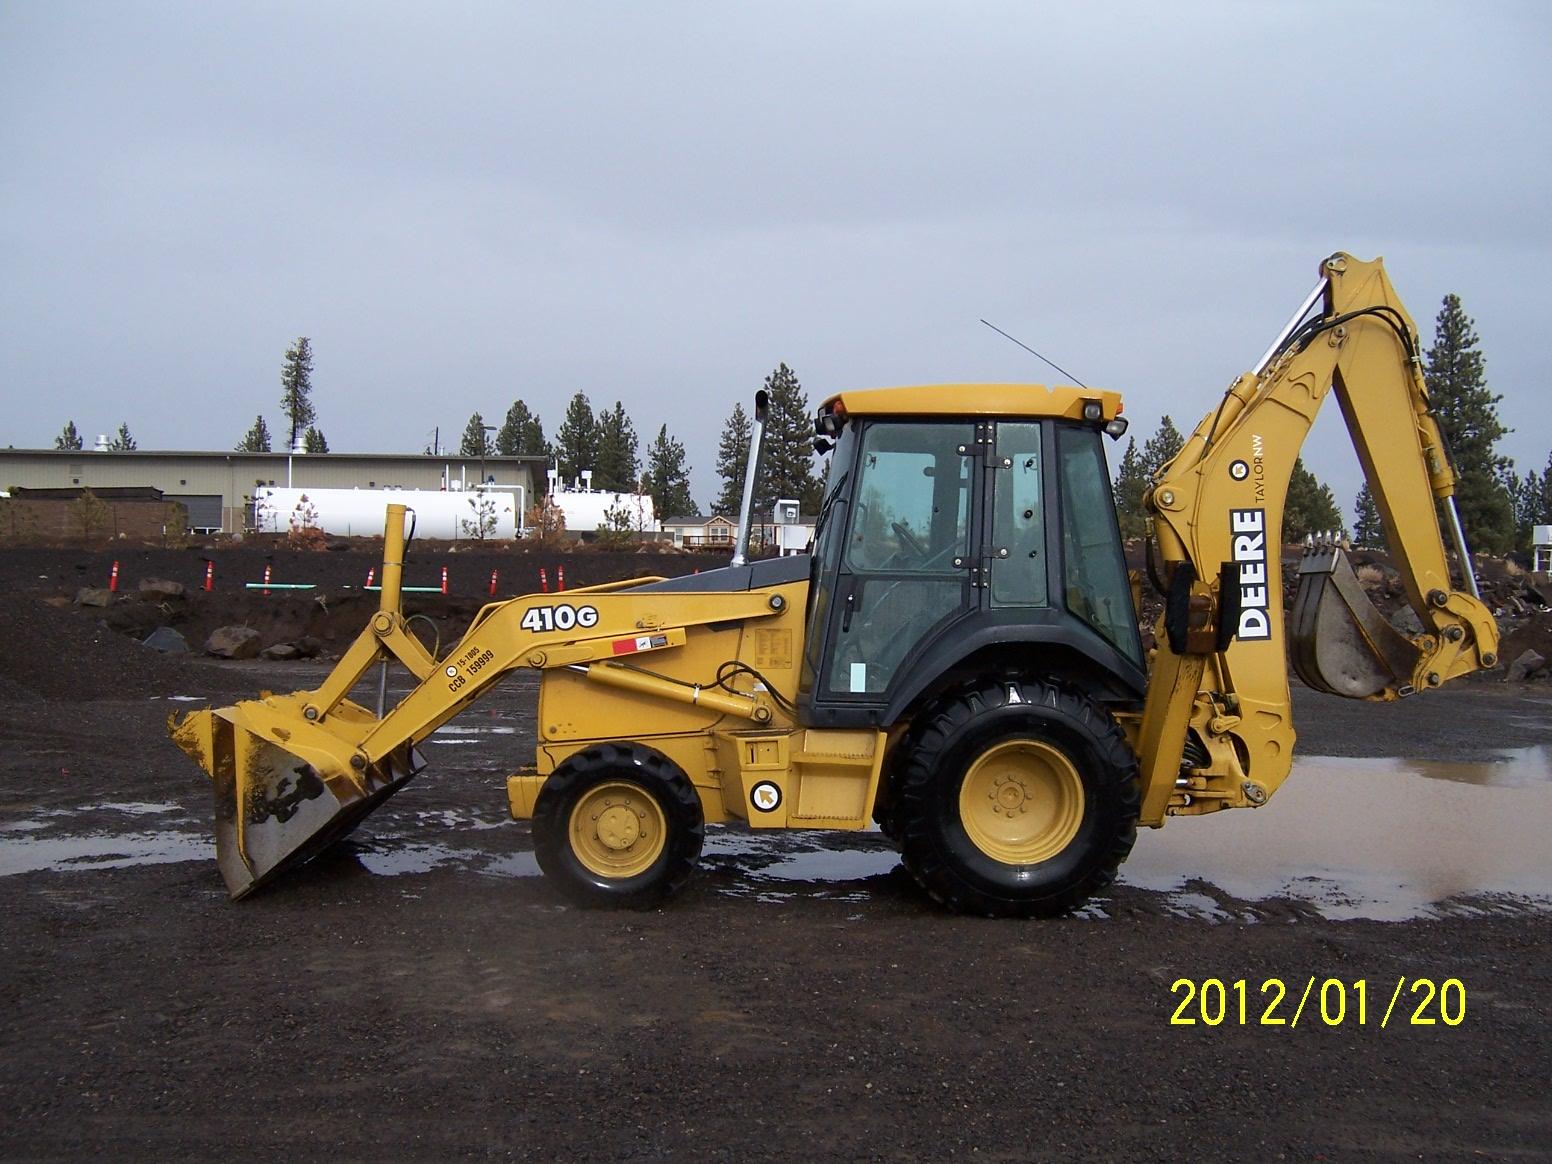 Sitzman Equipment Sales LLC - 2003 John Deere 410G Backhoe